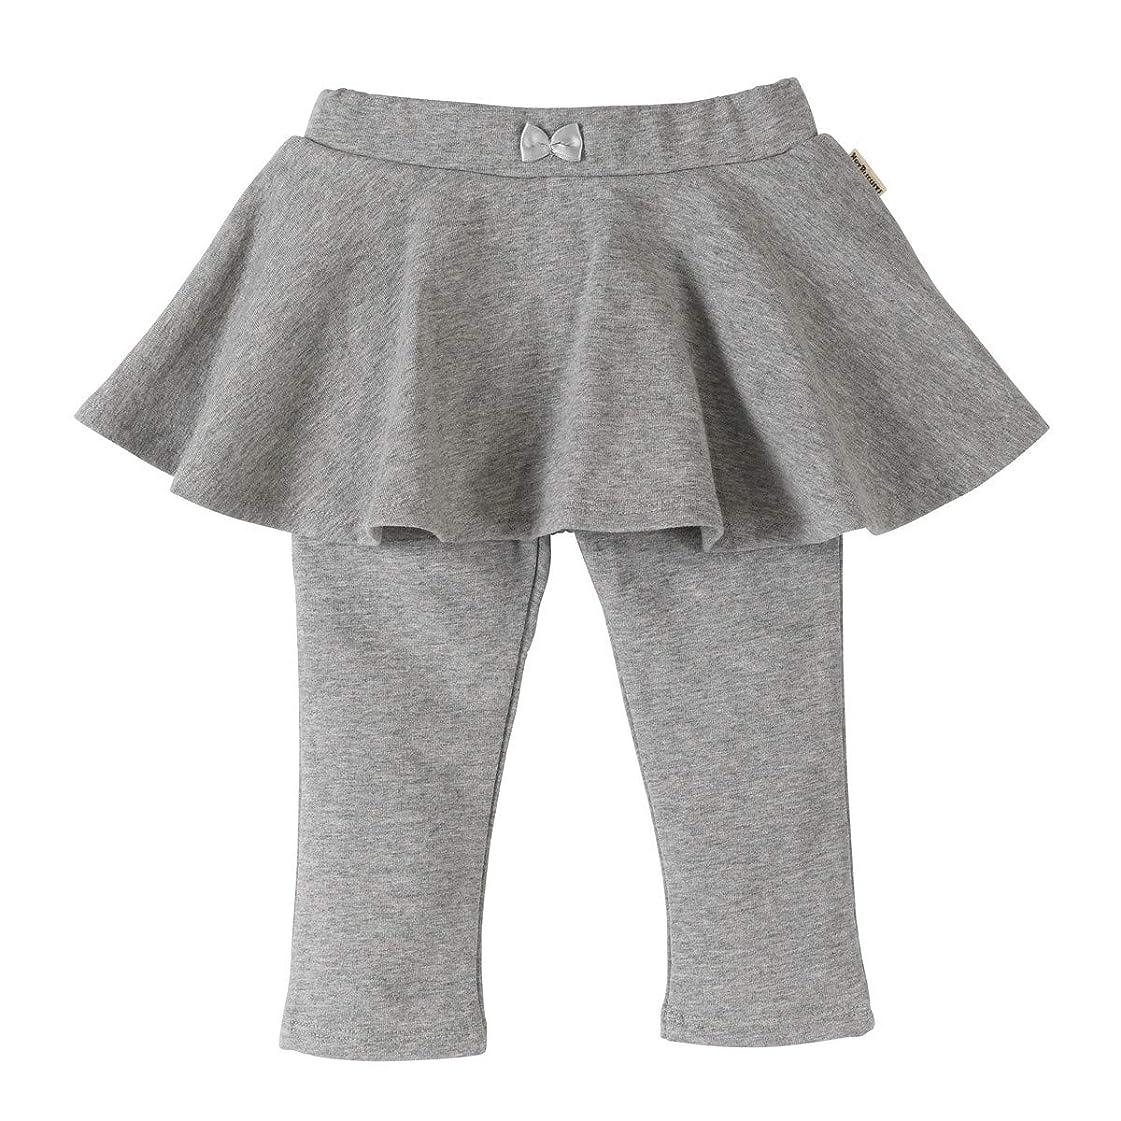 靴下余韻種をまく[ミキハウス ホットビスケッツ] スカート付パンツ 73-3208-456